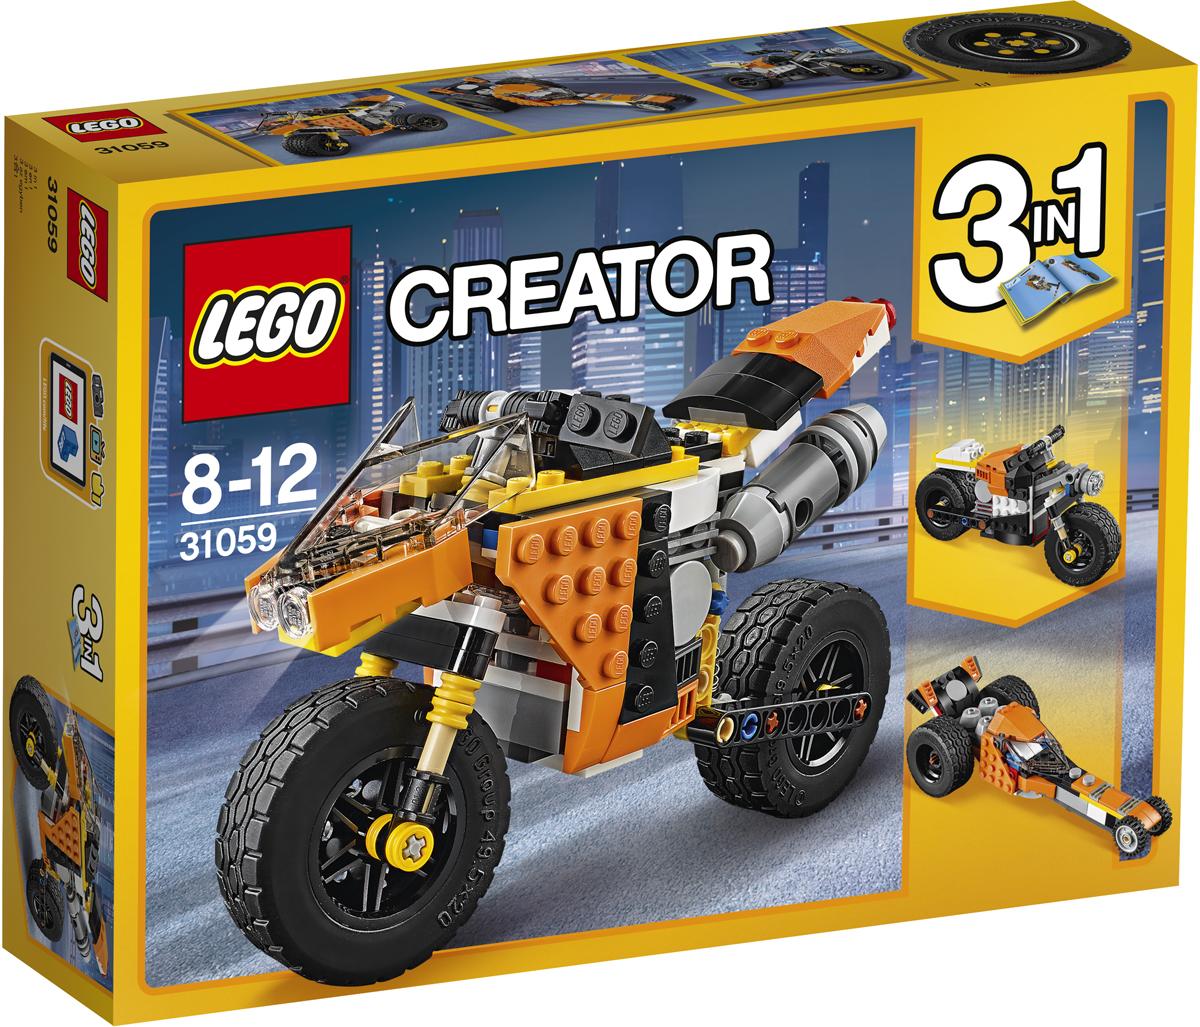 LEGO Creator Конструктор Оранжевый мотоцикл 31059 конструктор lego creator мотоцикл оранжевый 31059